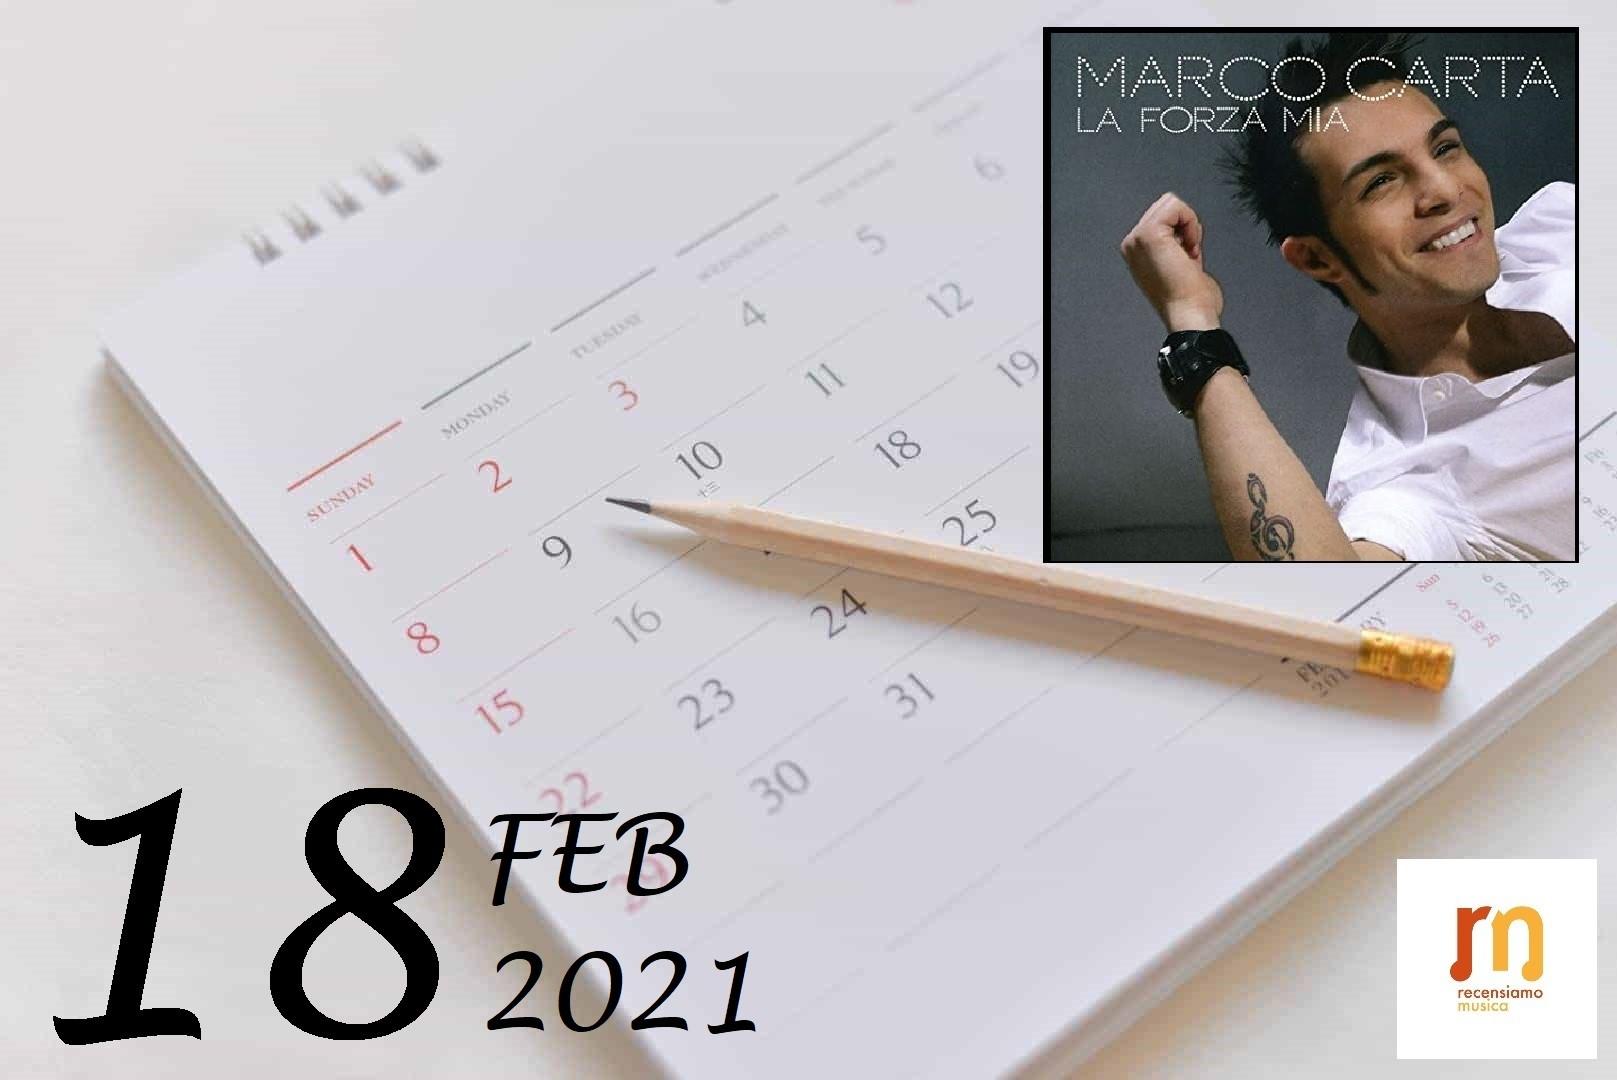 18 febbraio